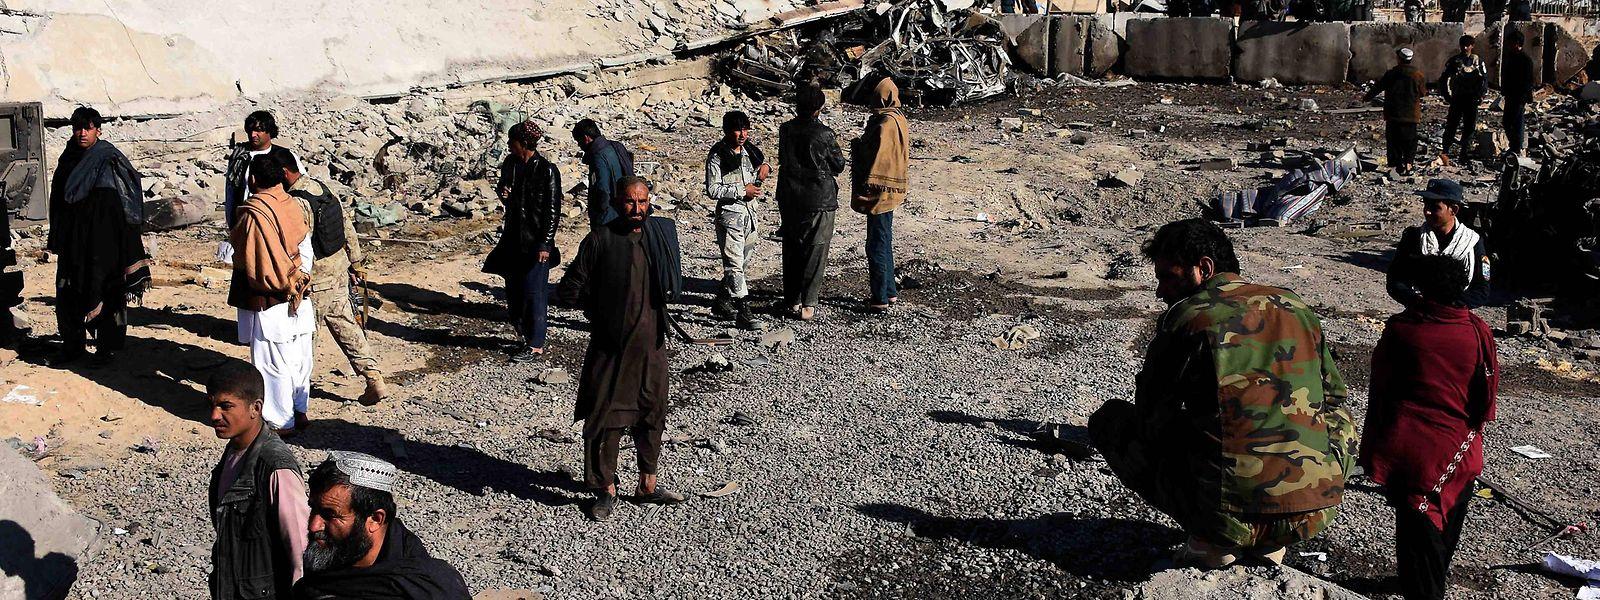 Die radikalislamischen Taliban legen landesweit Tausende solcher improvisierten Sprengsätze.